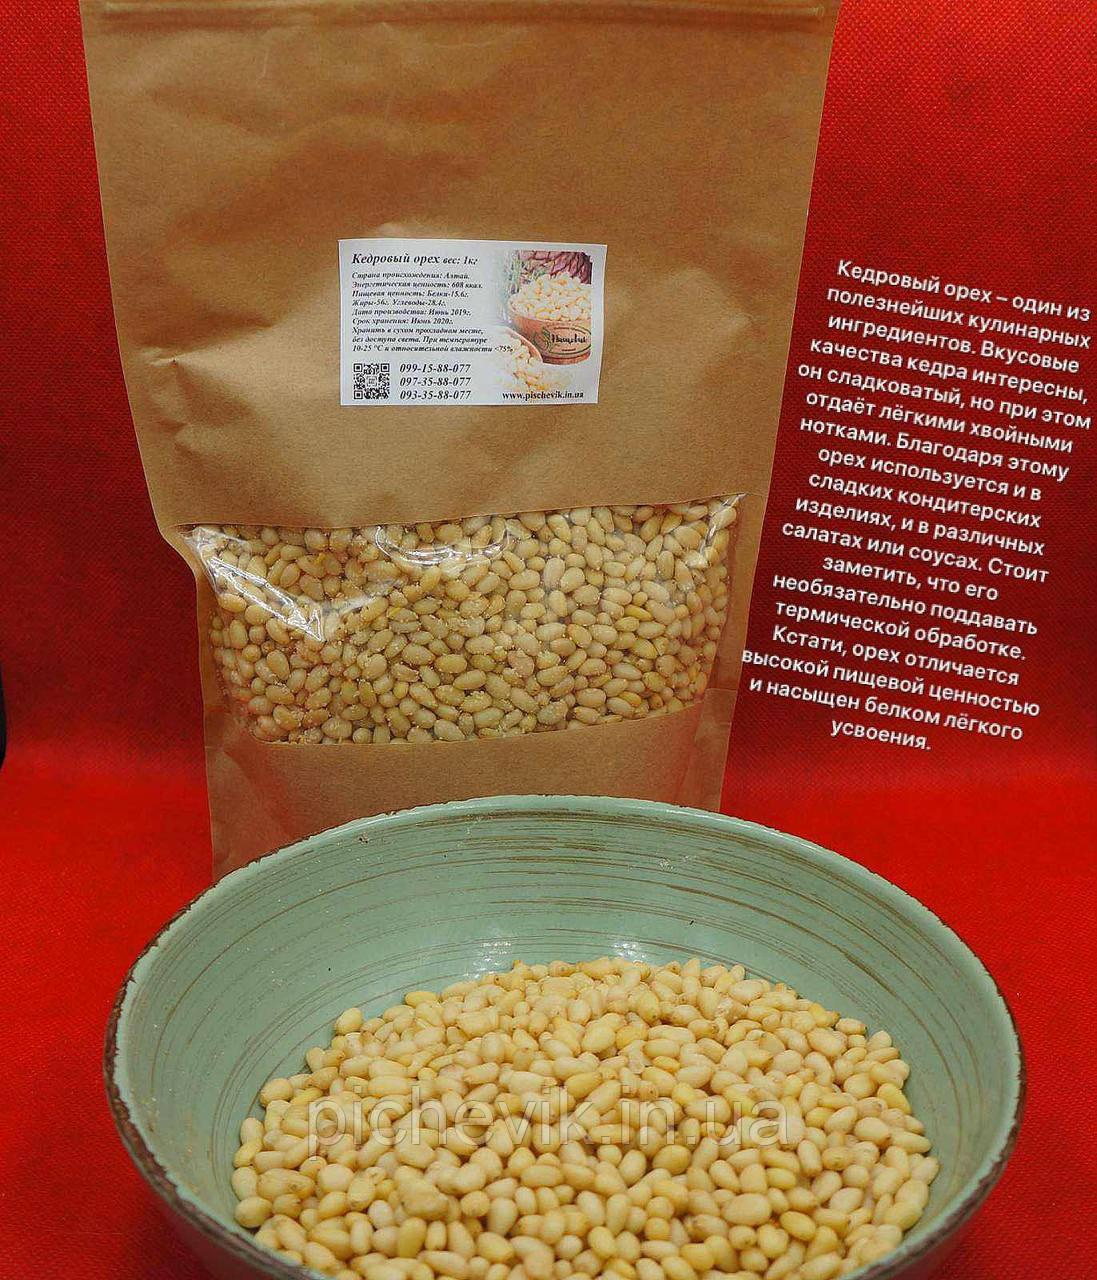 Кедровый орех (Алтай) вес:500 гр